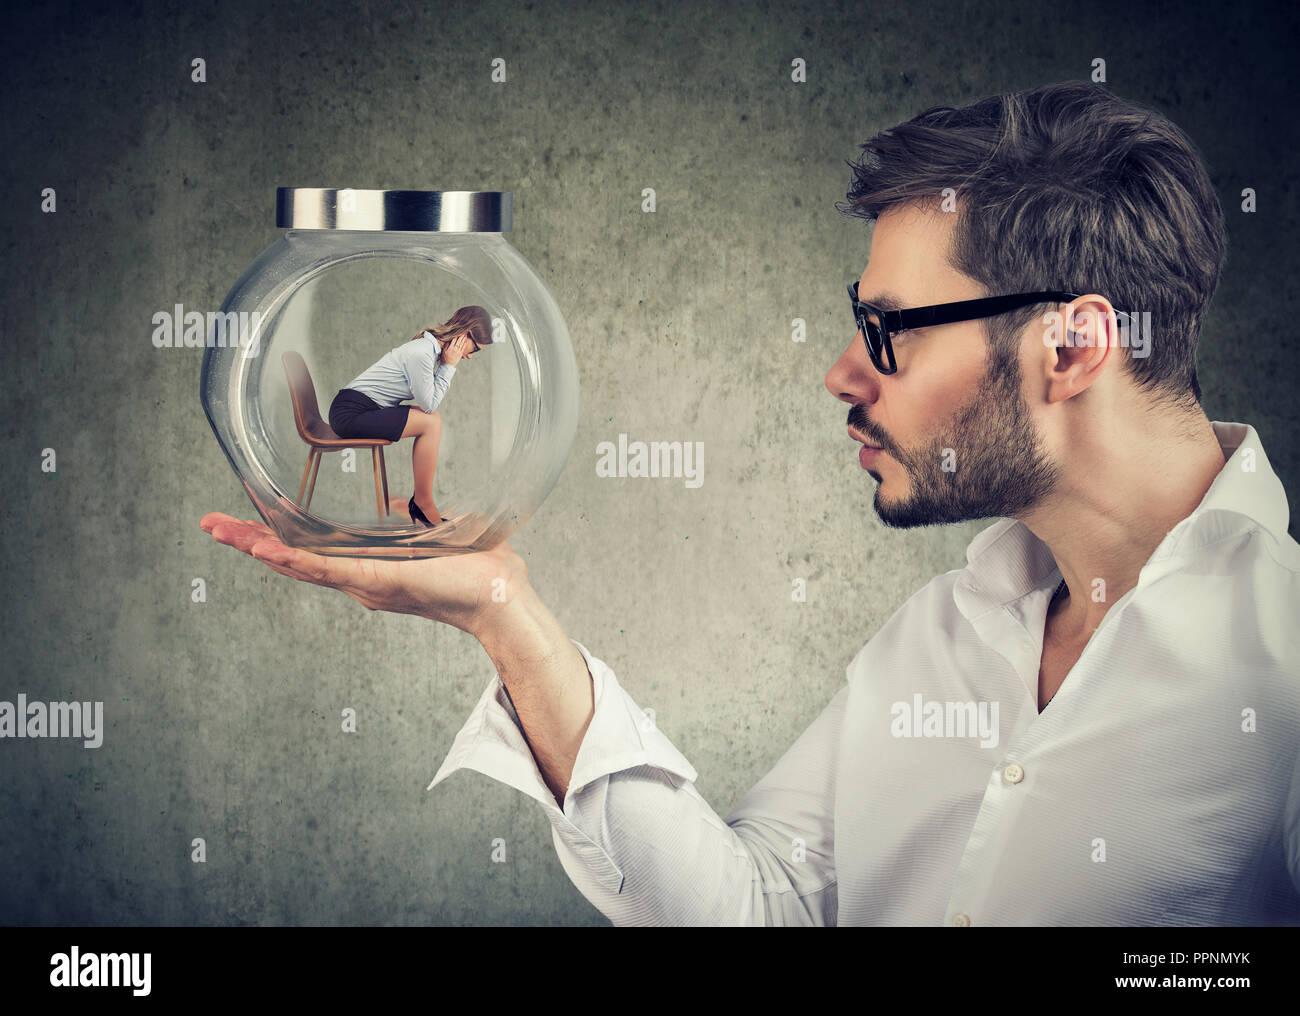 Empresario sosteniendo un tarro de vidrio con un joven triste empresaria atrapado en ella Imagen De Stock